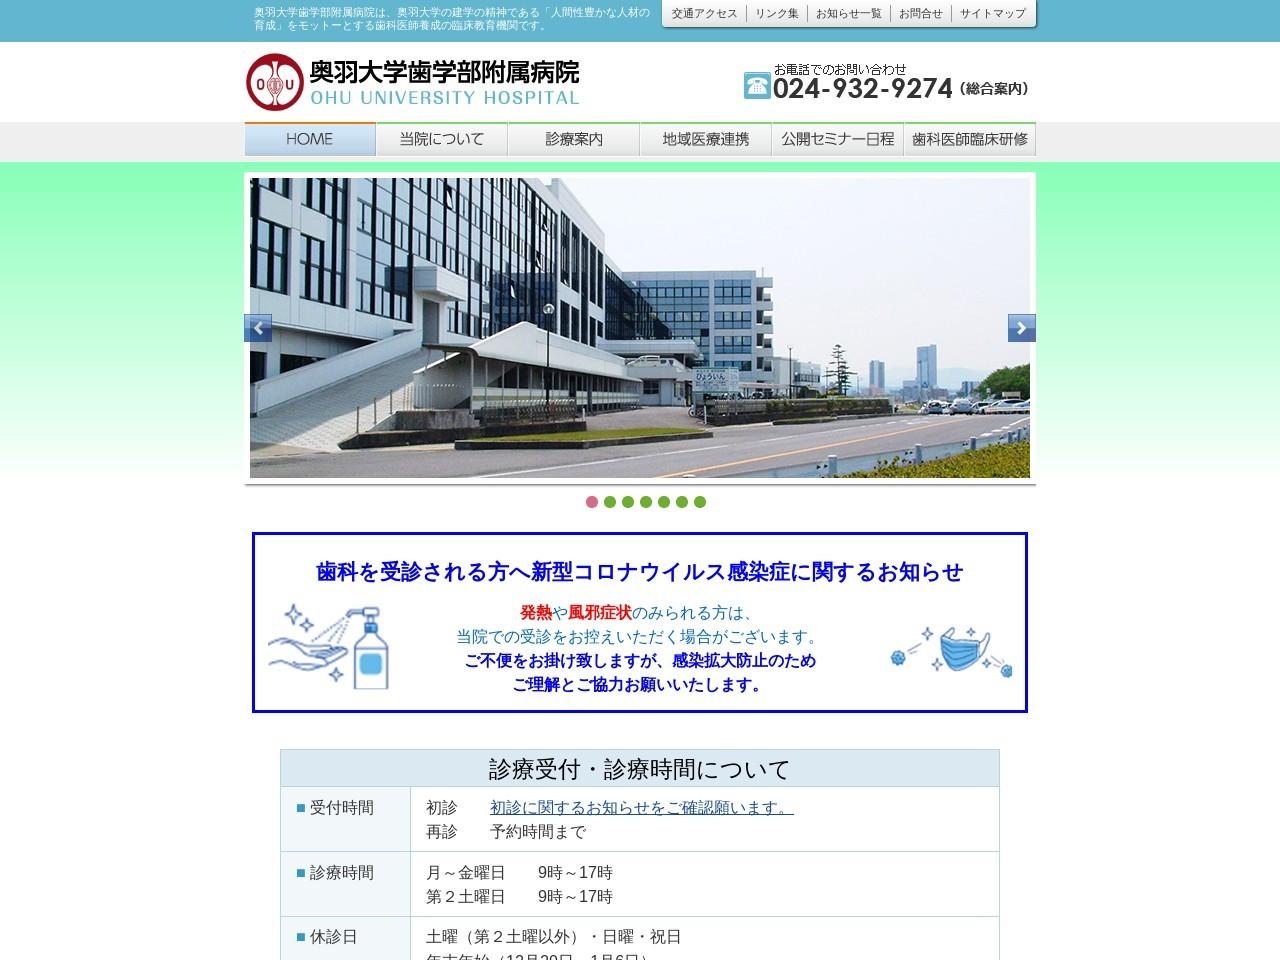 学校法人  奥羽大学歯学部附属病院 (福島県郡山市)